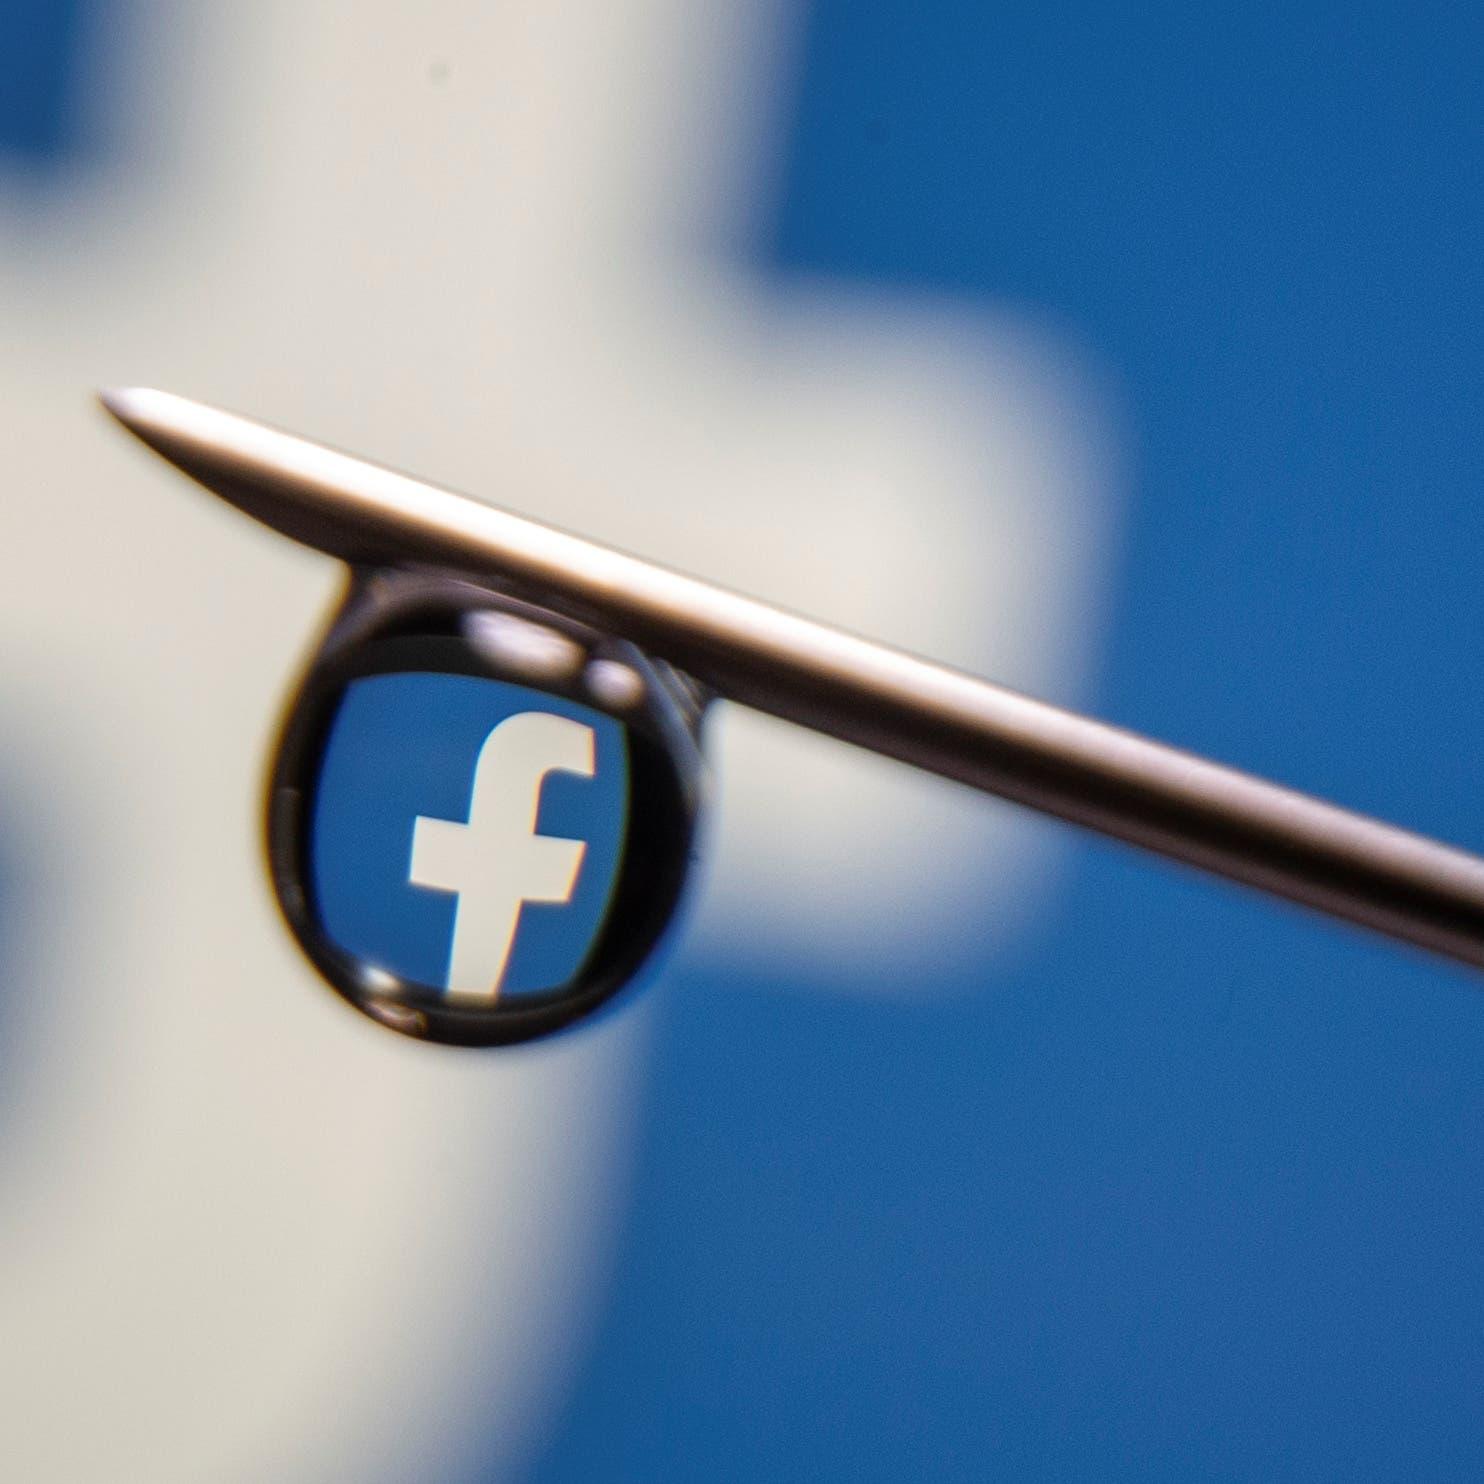 شركات عملاقة تفرض إجبارية التلقيح على موظفيها.. بينها فيسبوك وغوغل